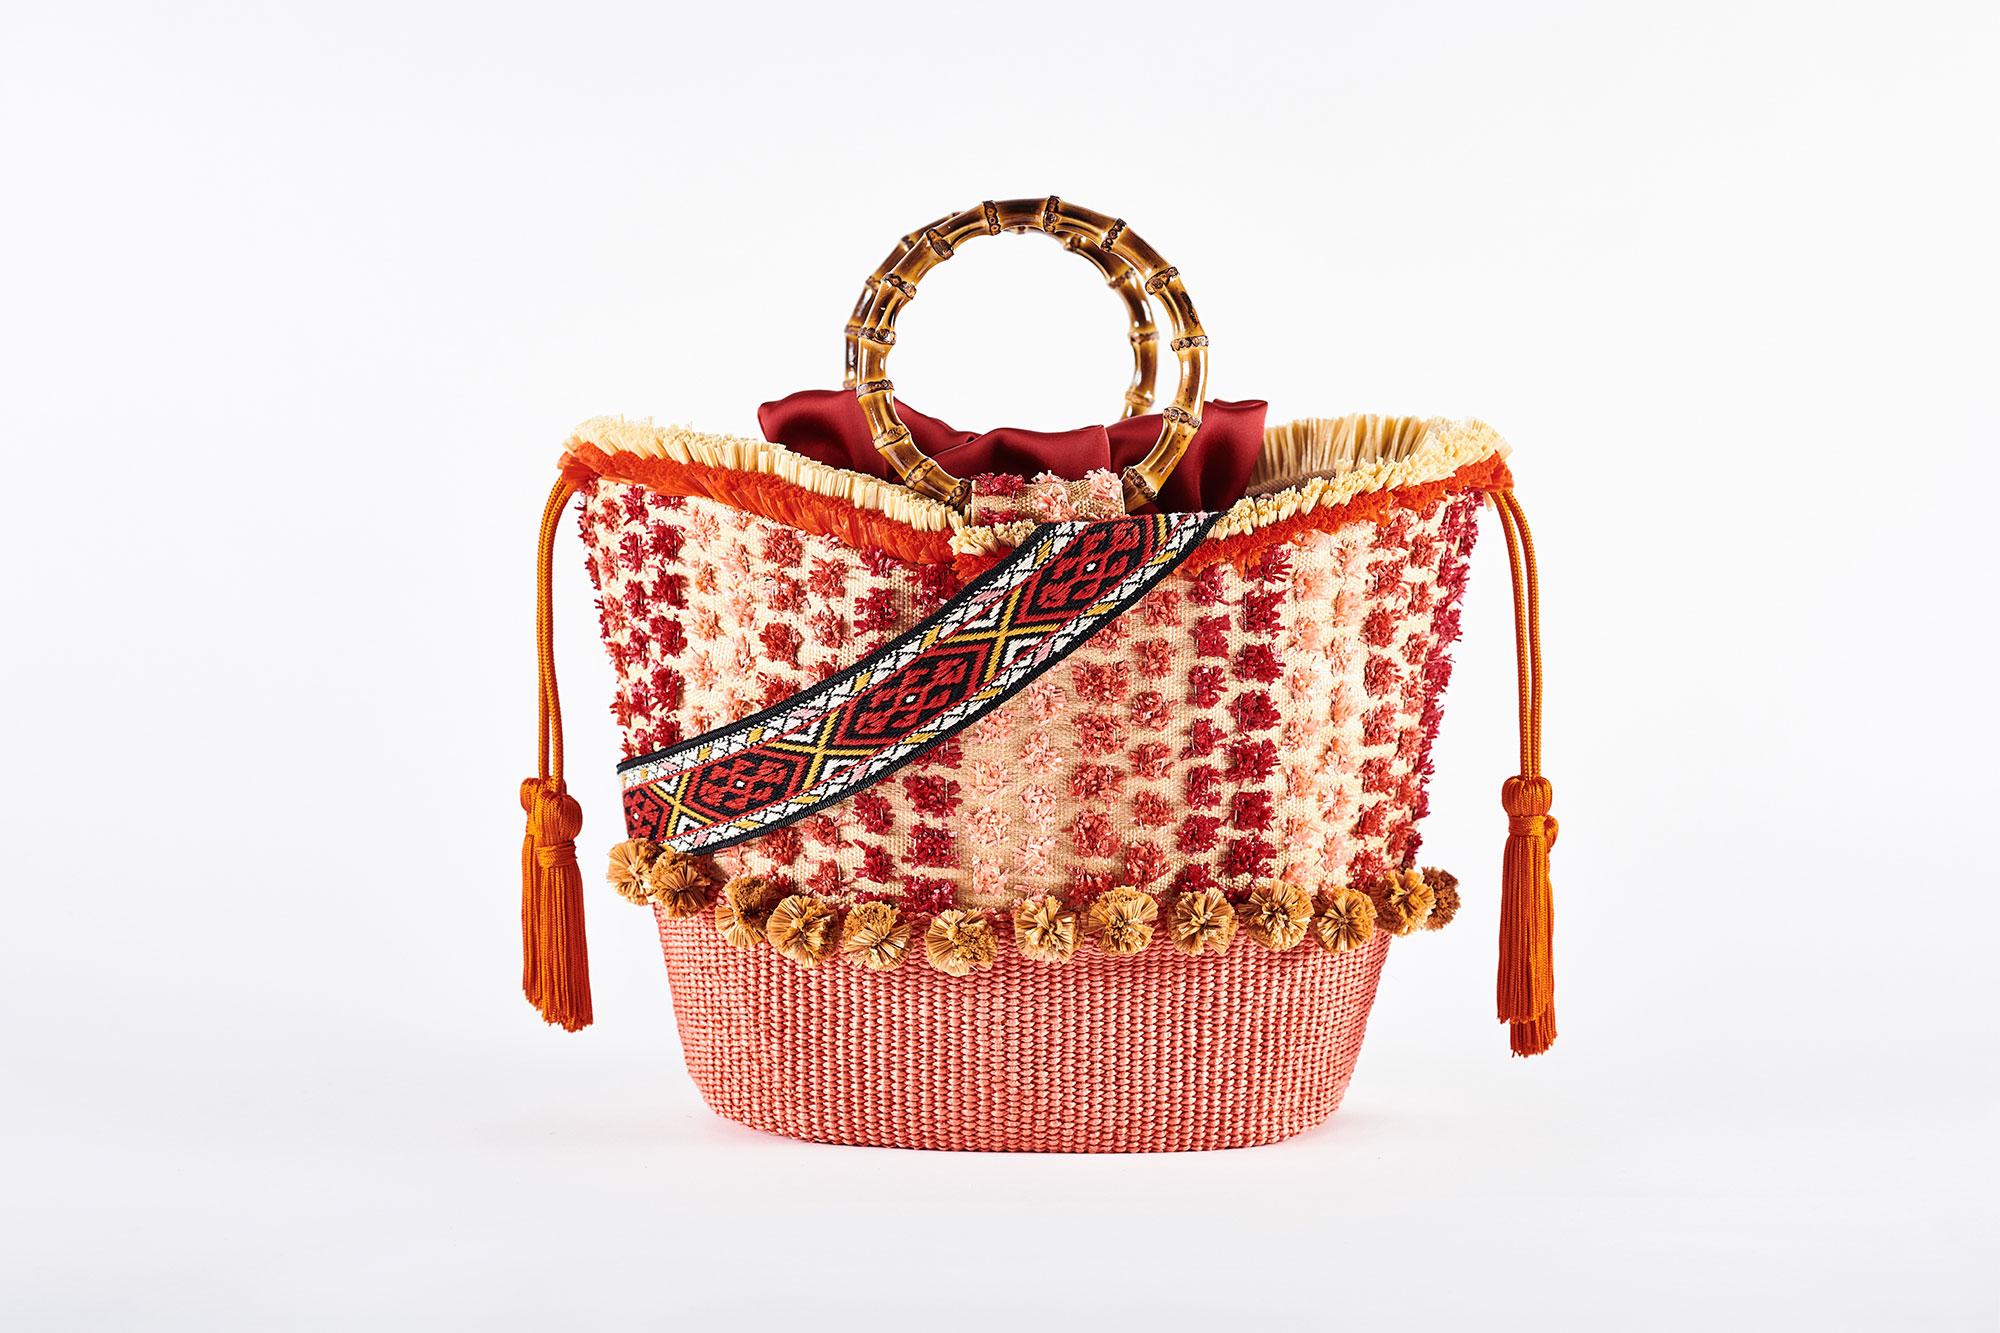 viamailbag-tahiti-color-c02